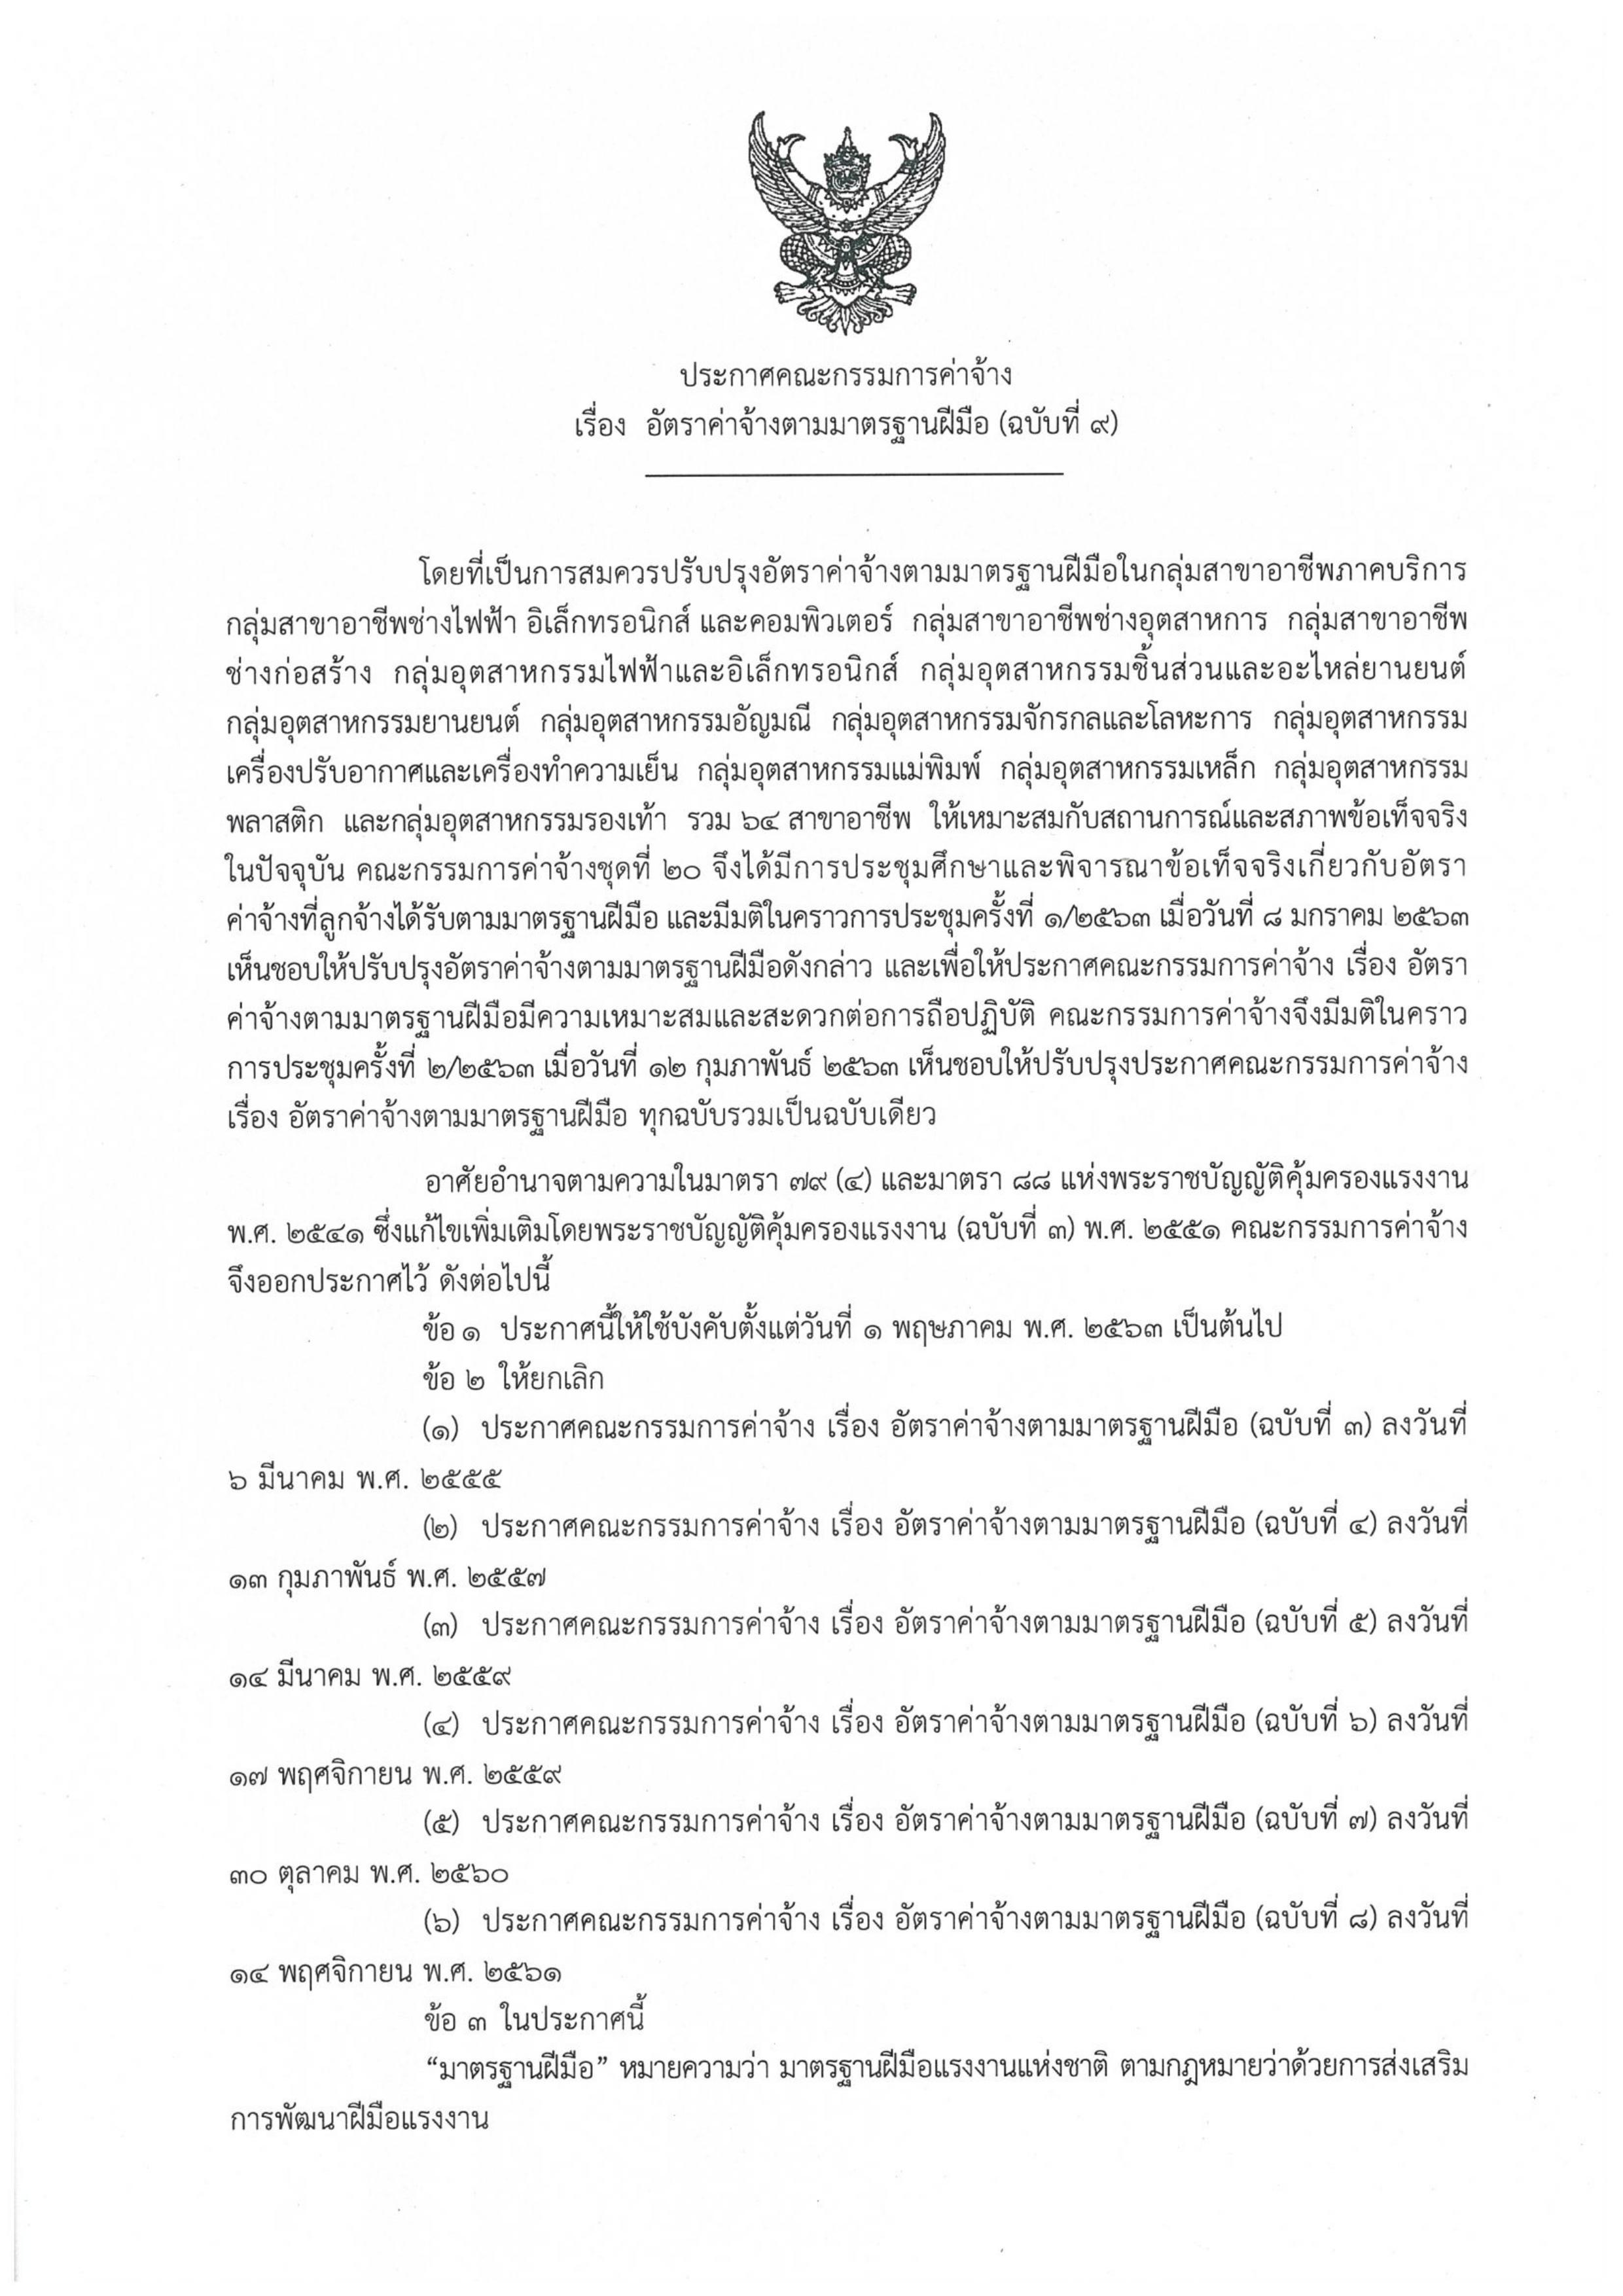 ประกาศคณะกรรมการค่าจ้าง อัตราค่าจ้างตามมาตรฐานฝีมือ ฉบับที่ 9